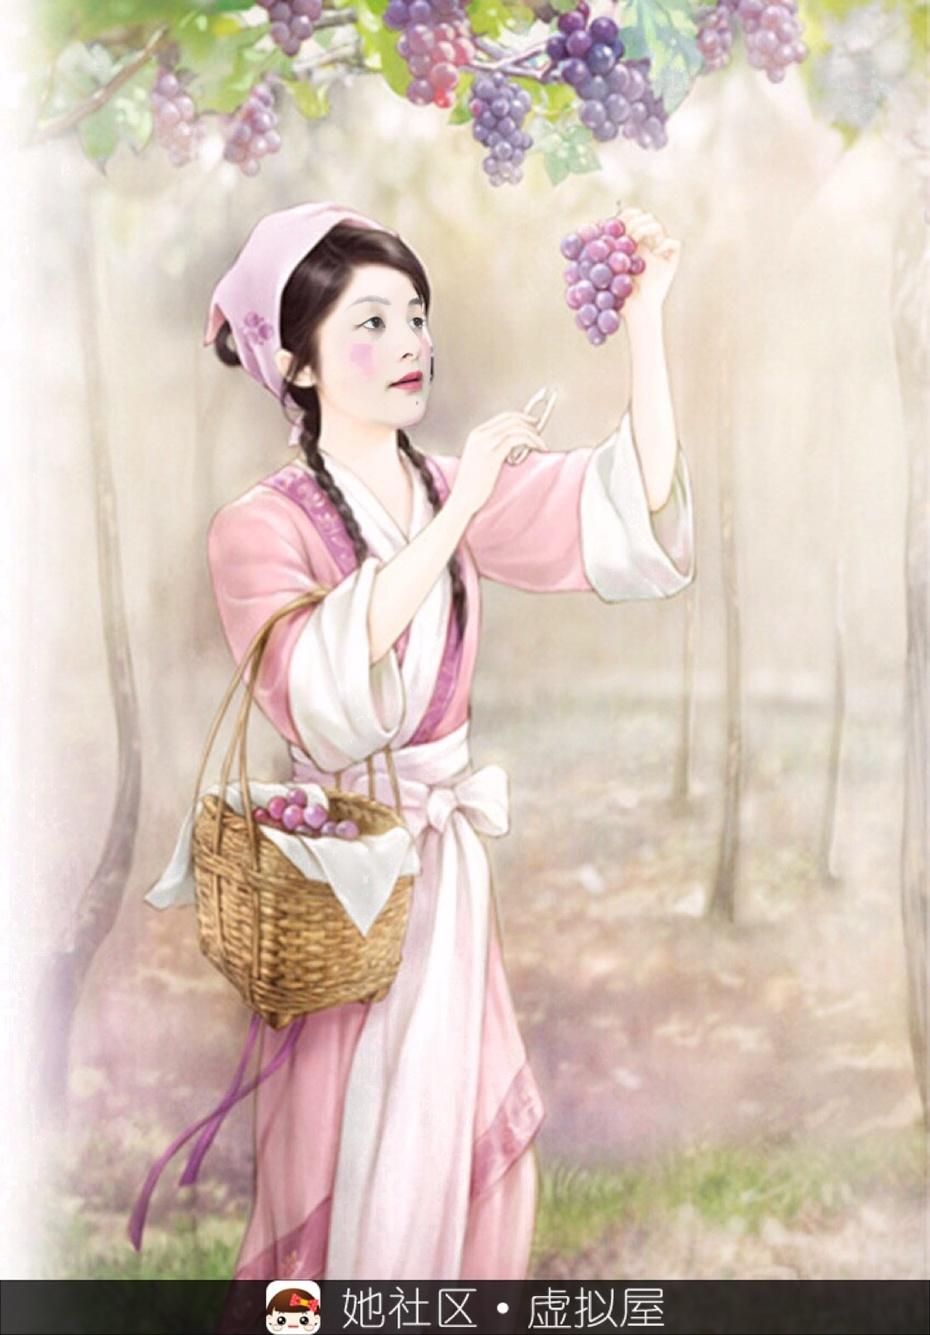 穿越 - 蔷薇花开 - 蔷薇花开的博客